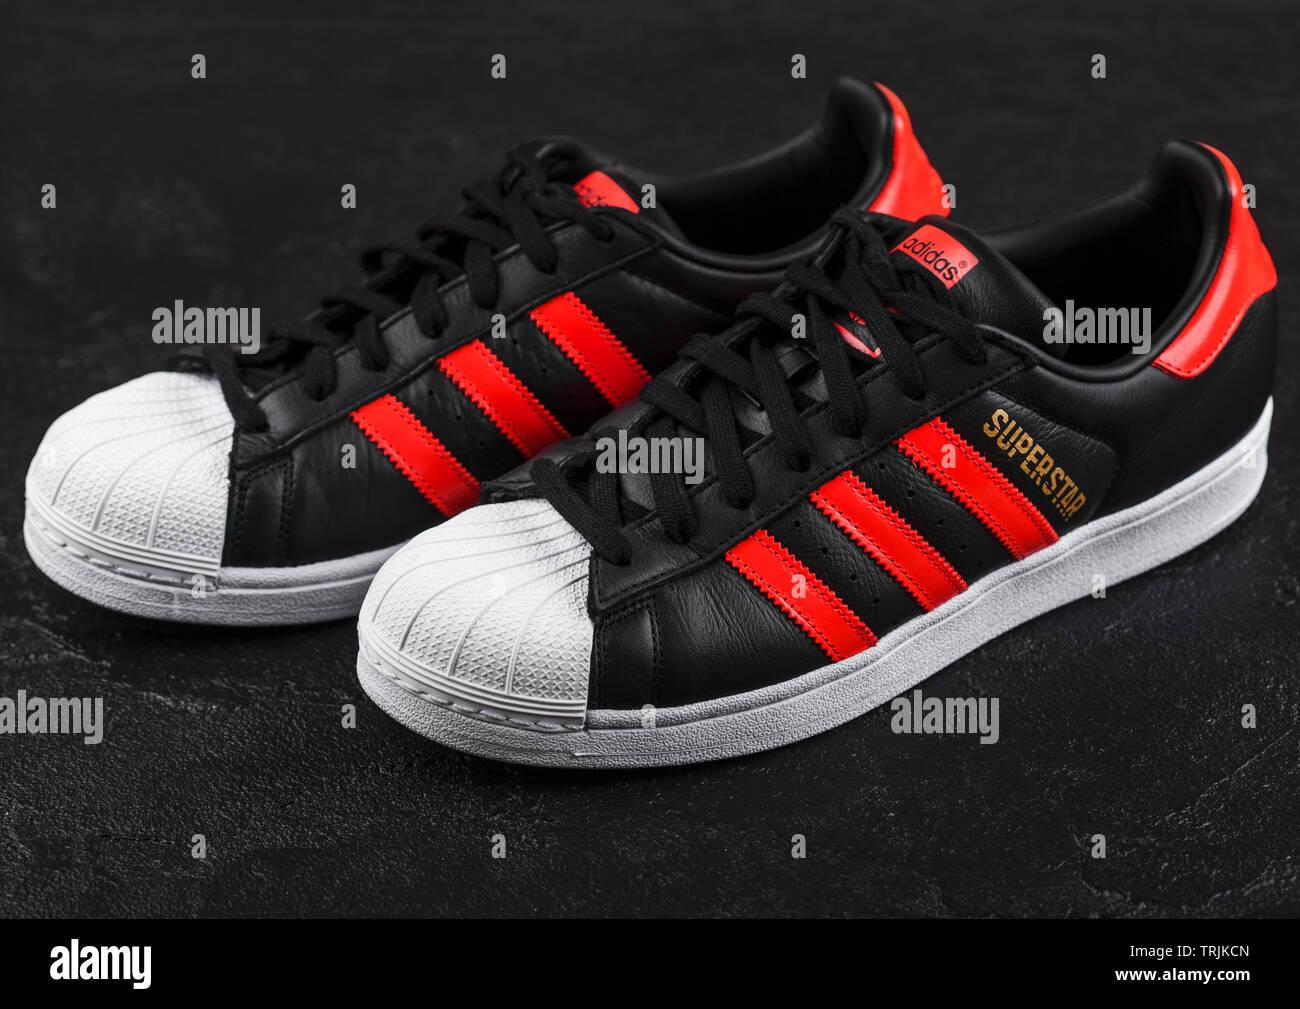 Adidas Superstar Immagini & Adidas Superstar Fotos Stock Alamy